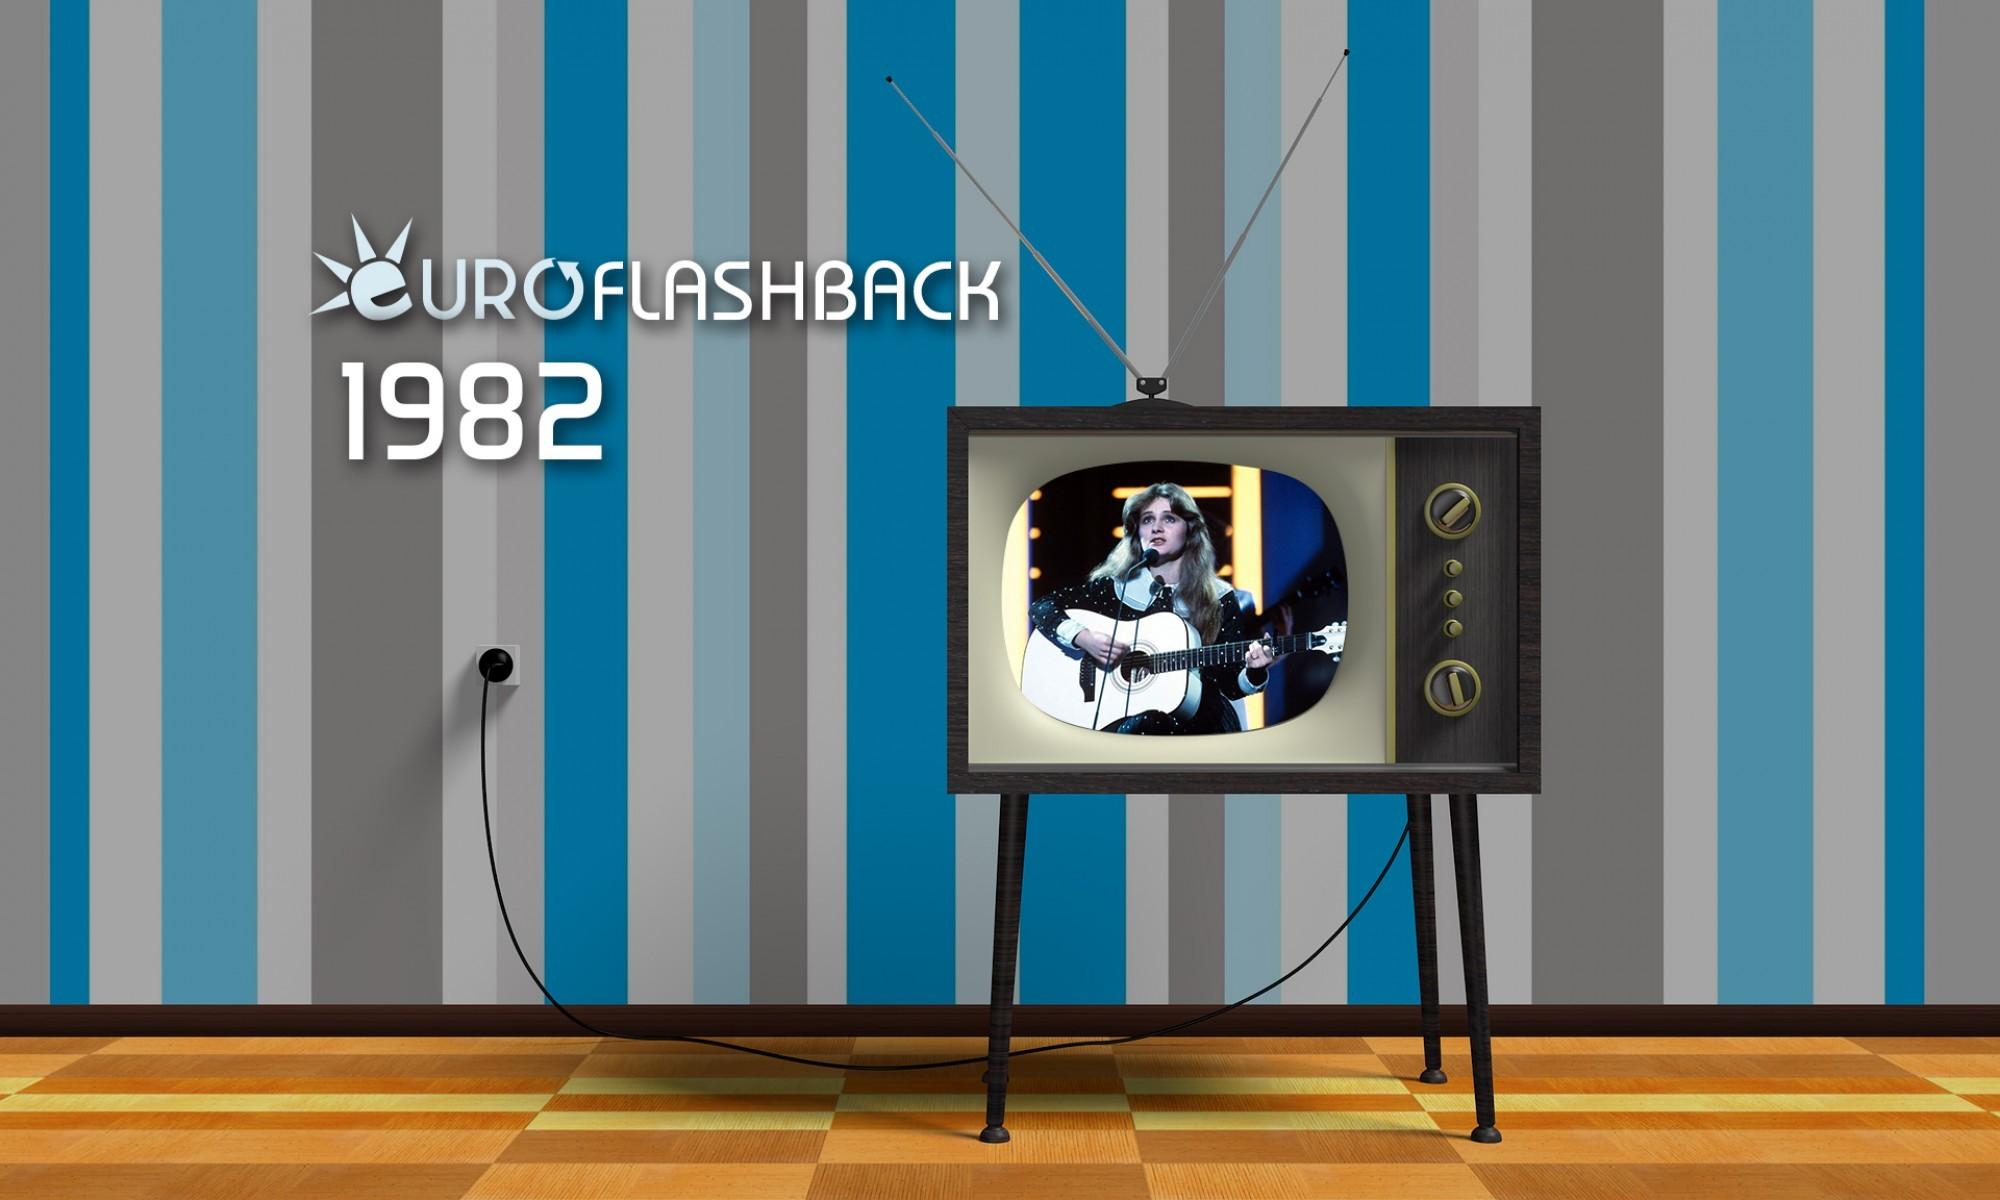 Euroflashback 1982 Cuando Alemania marc³ su primer gol cantando a